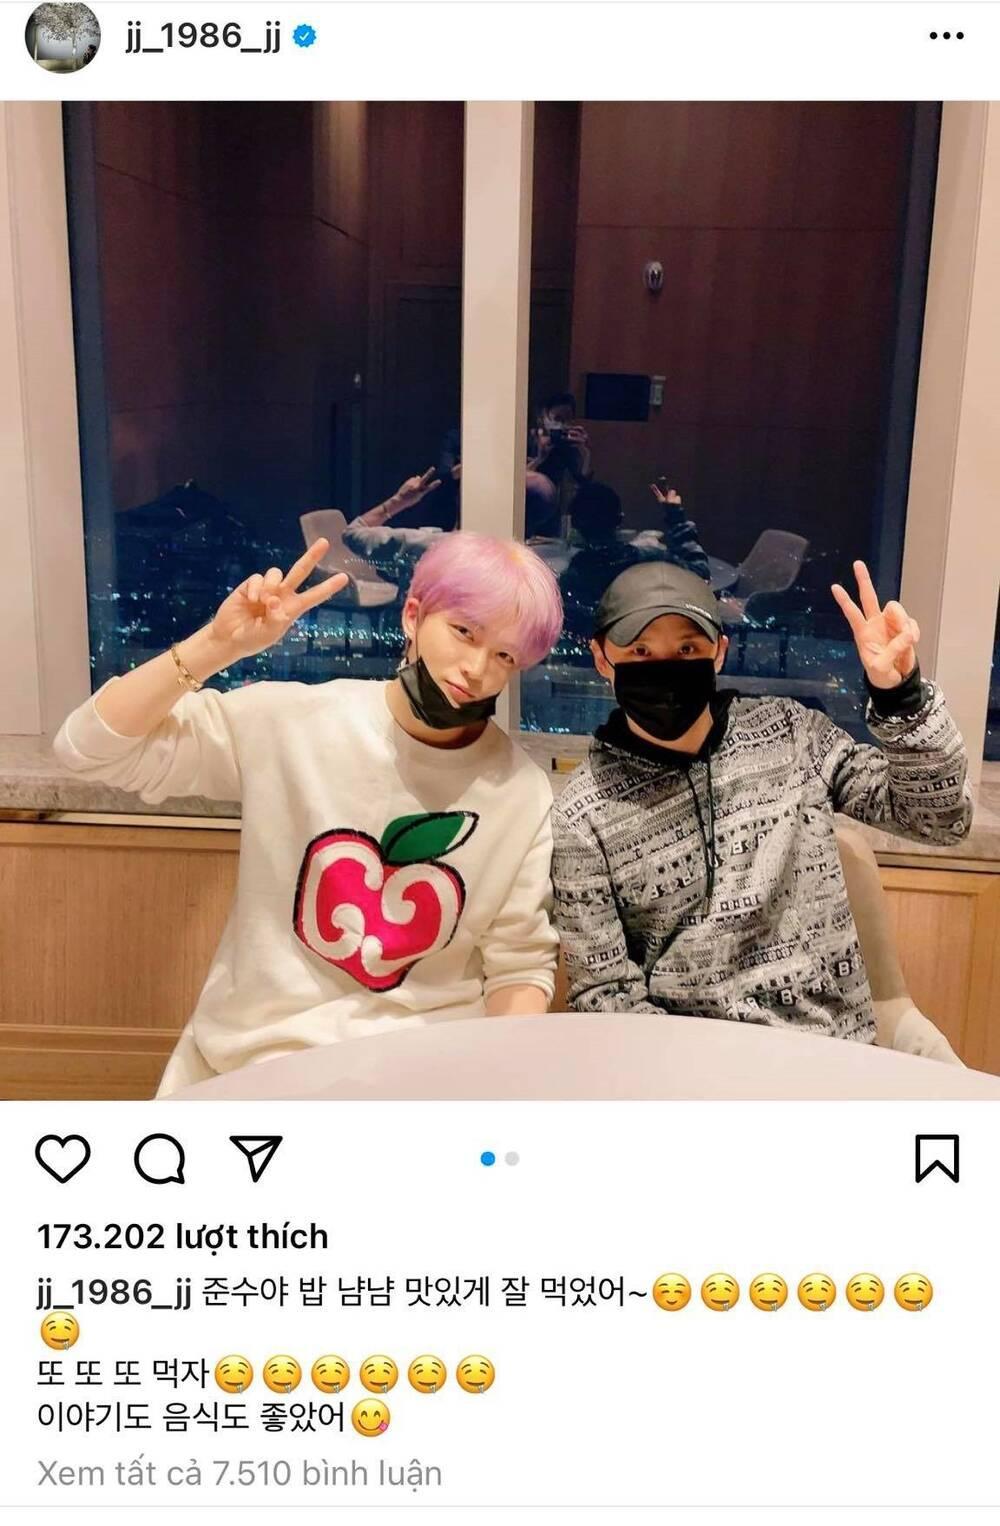 Fan hâm mộ 'rớt nước mắt' trước khoảnh khắc hội ngộ của Junsu và Jaejoong (JYJ) Ảnh 6